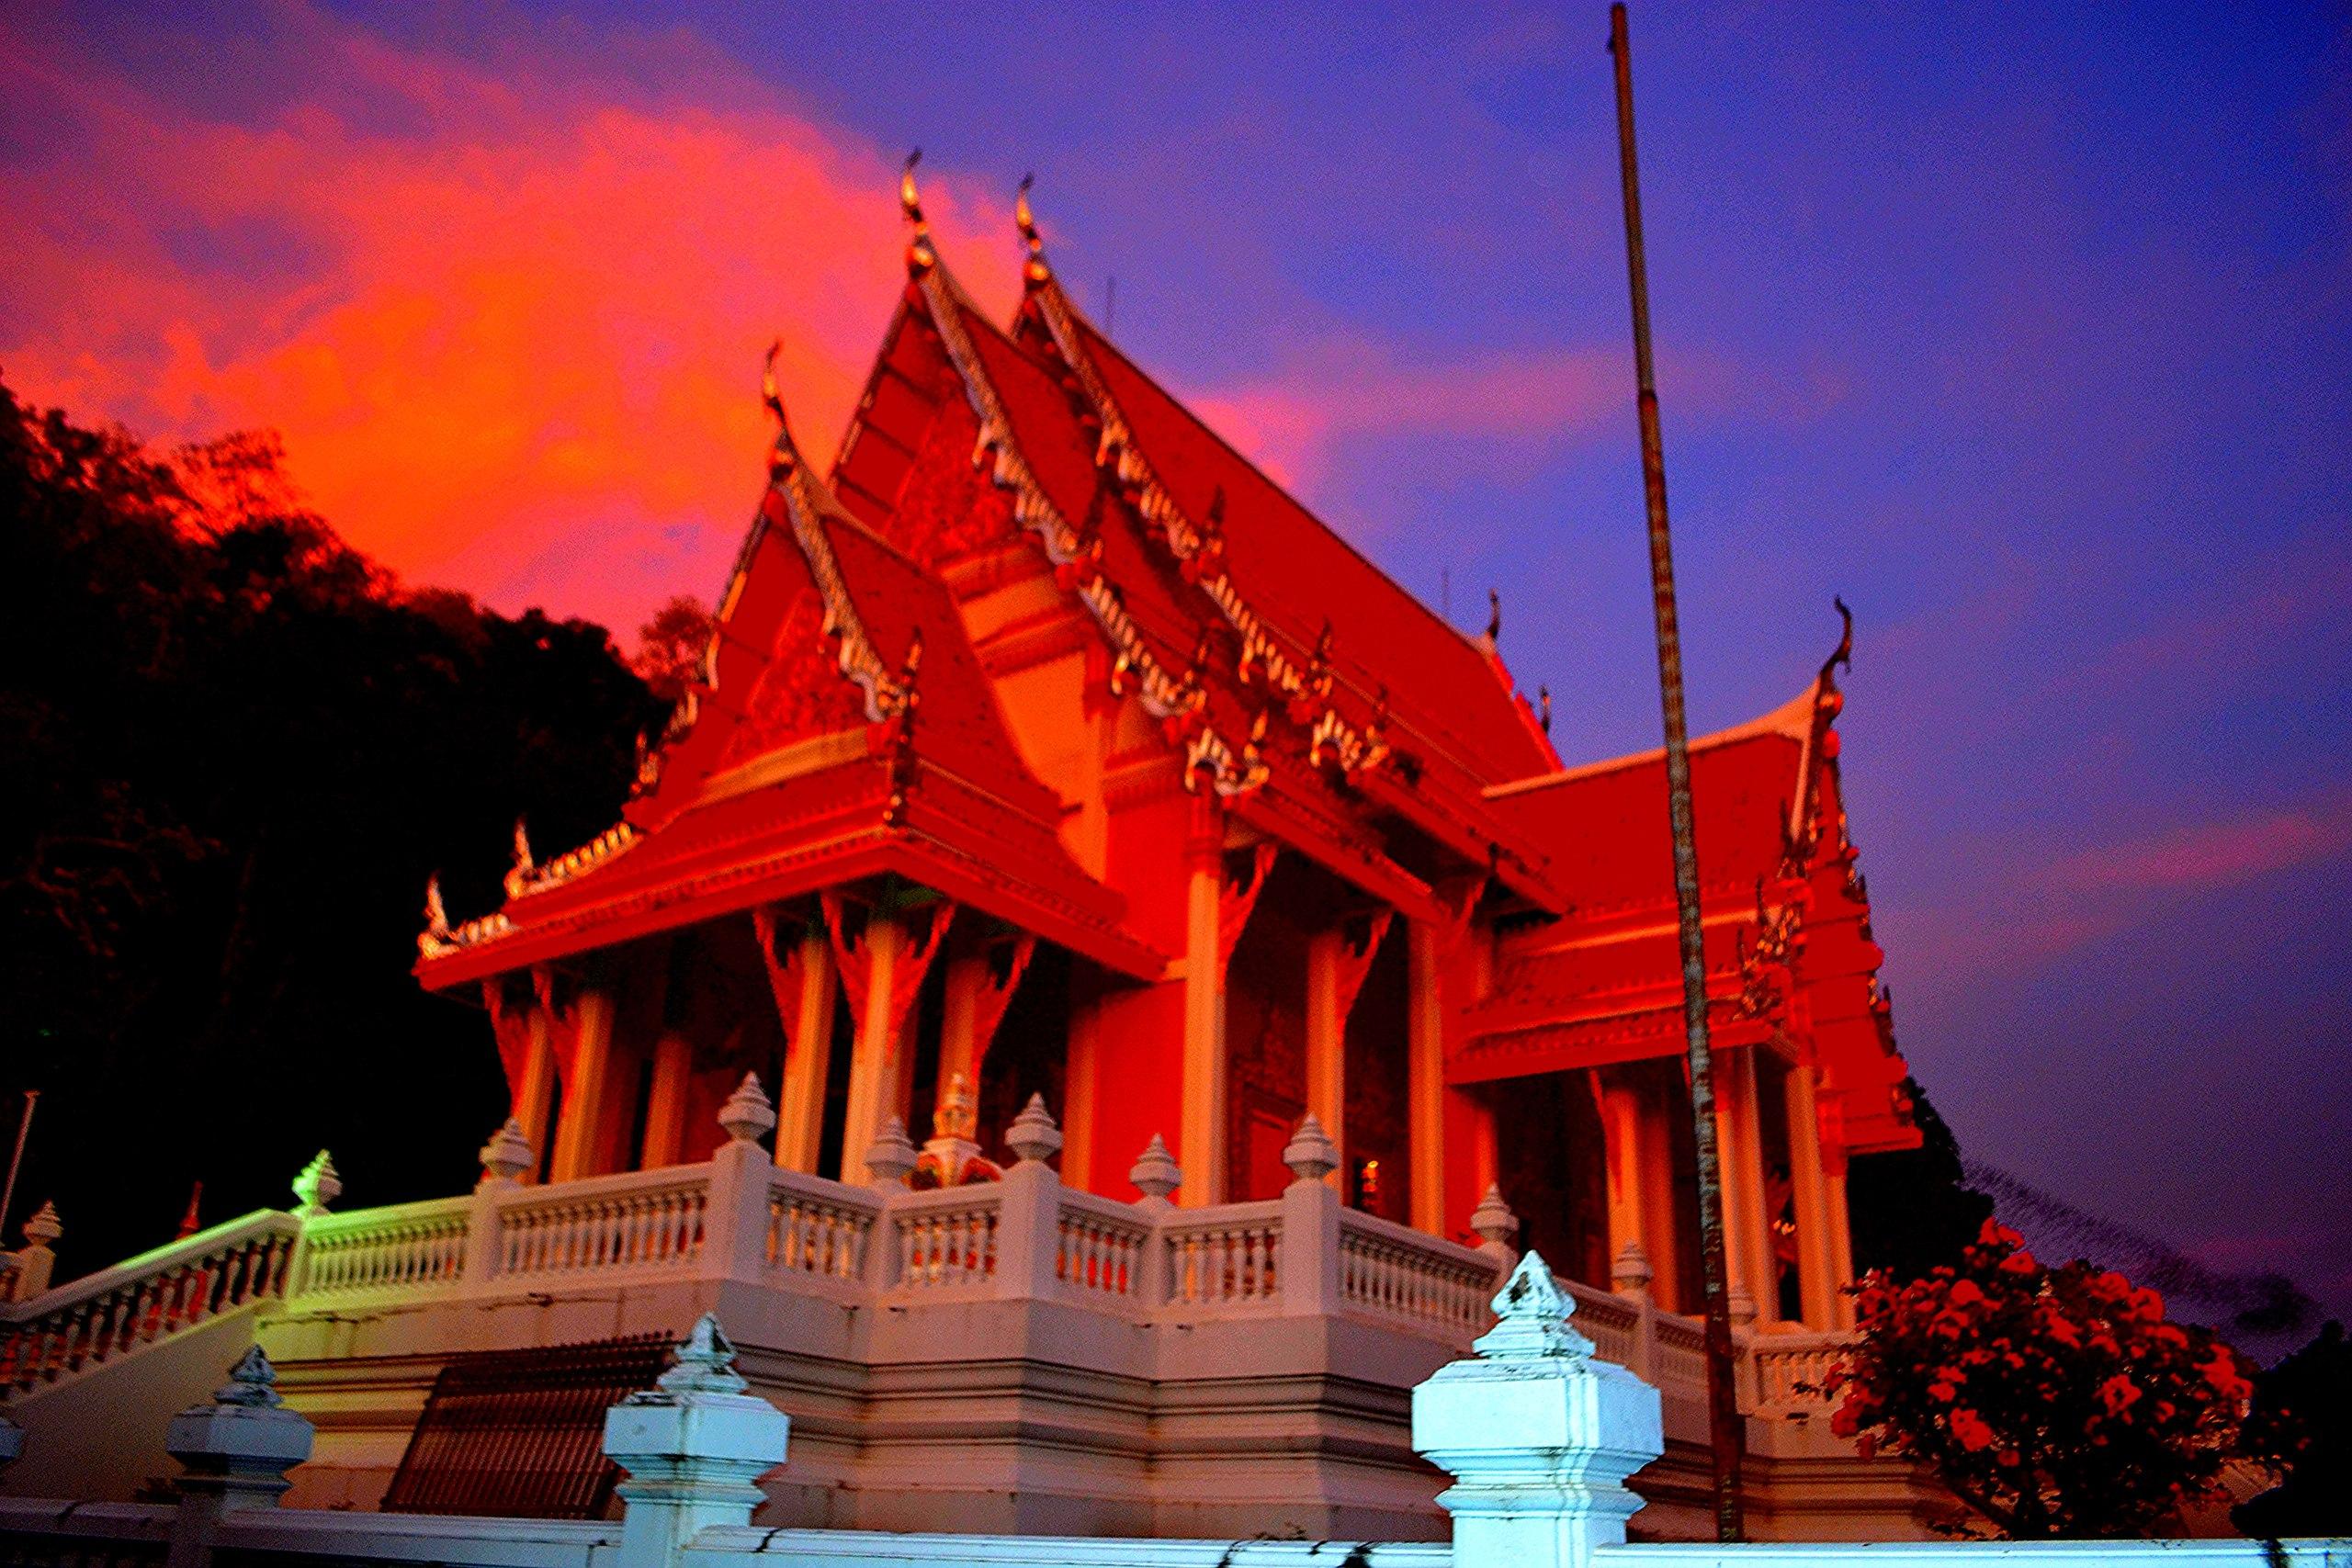 Елена Руденко (Валтея). Таиланд. Таиланд. Paтчaбуpи: Пещера страха, Пещера мышей, Буддийский храм Ipb0Ytv8IxM